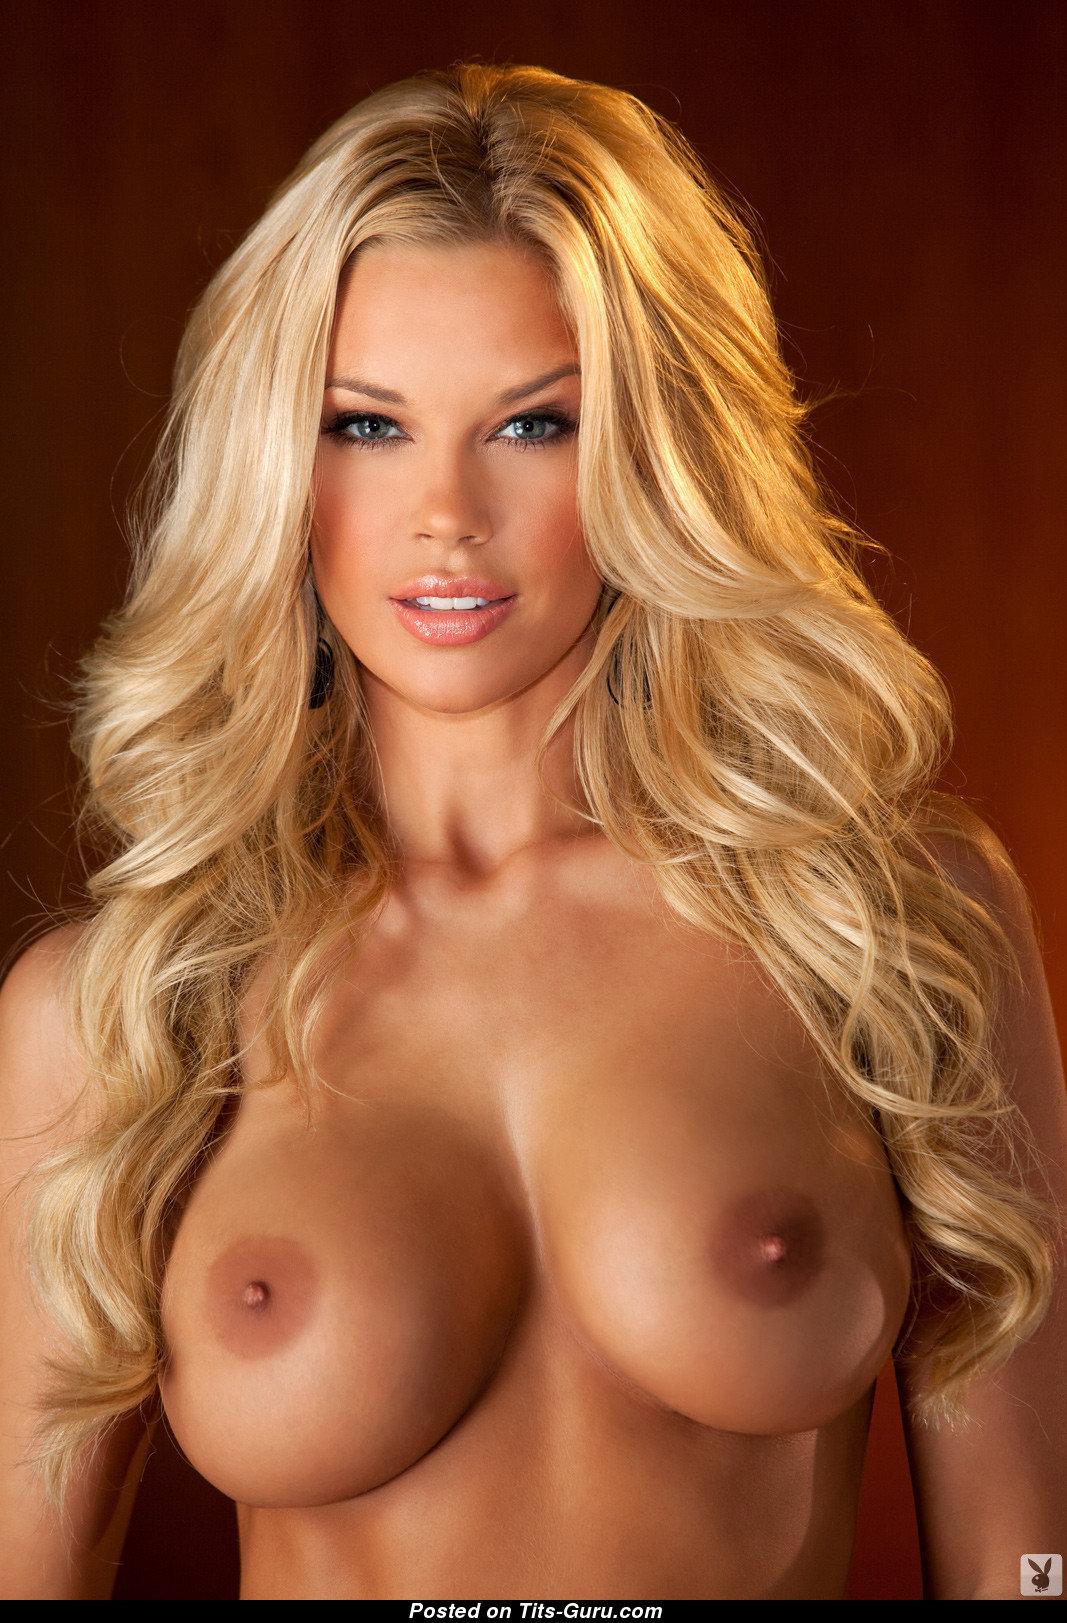 Стриптиз Красивой Блондинки С 3 Размером Груди Г